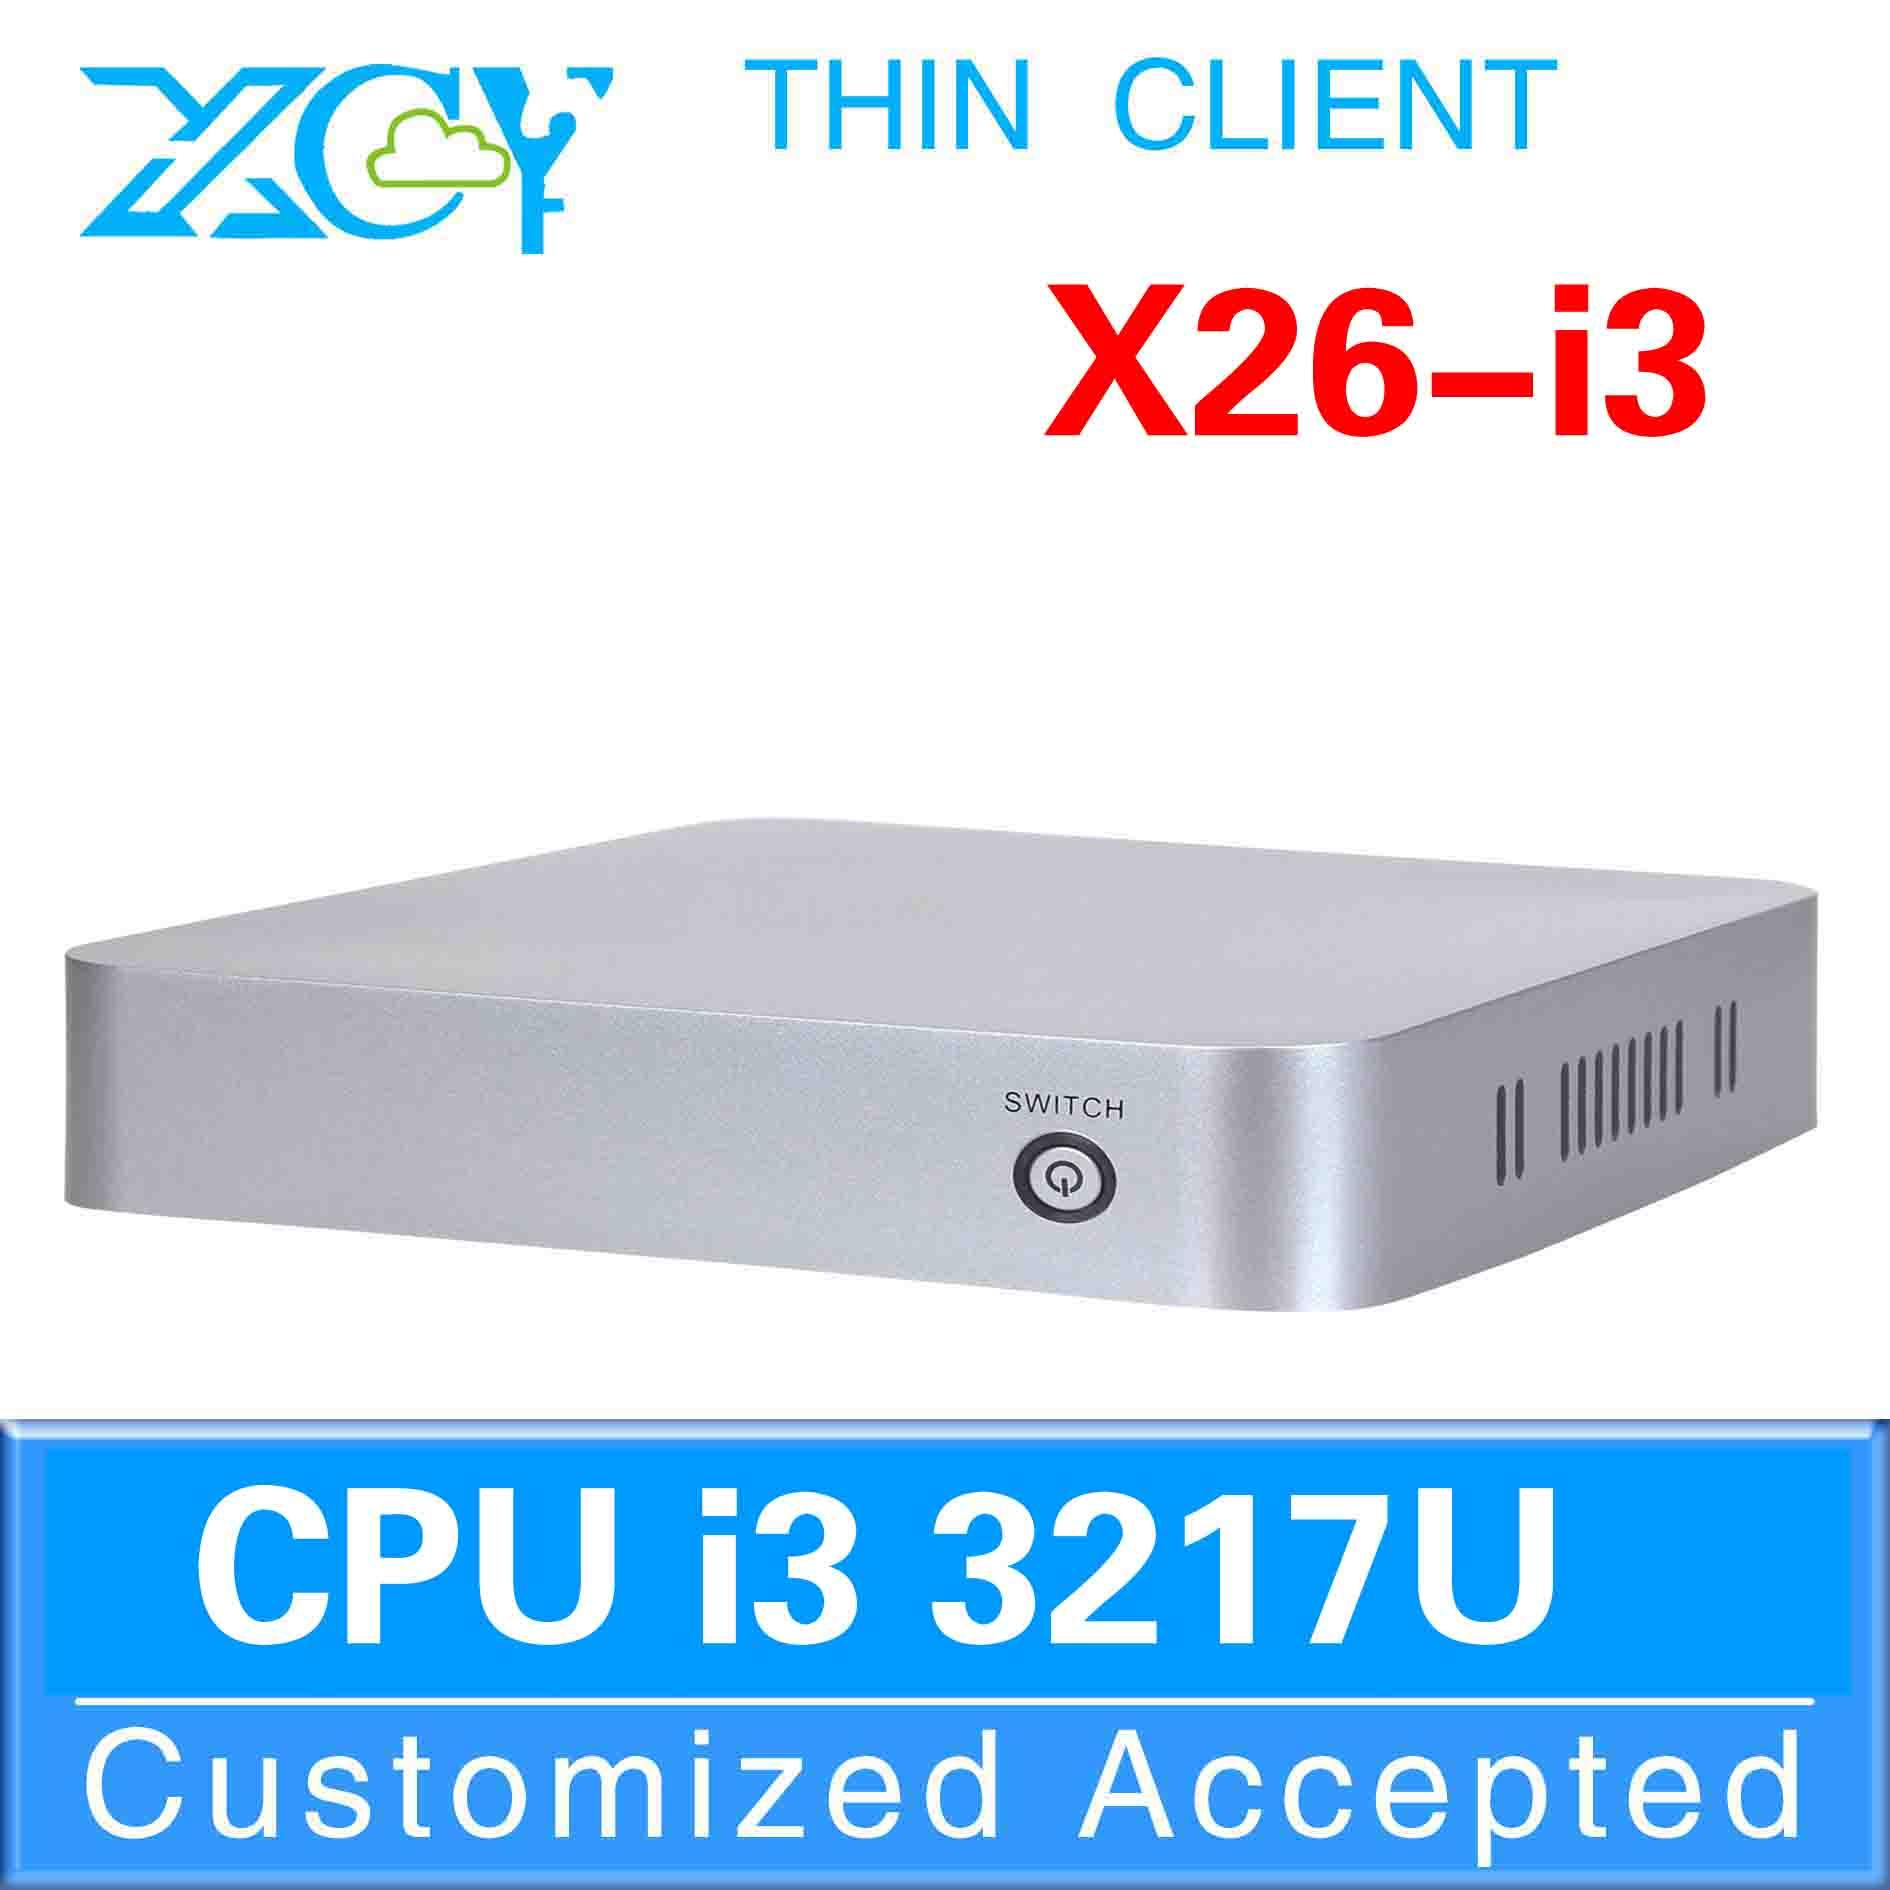 3217u tutto in un computer 3217u tutti in un pc 3217u home theater pc x26-i3 supporto Home Premium e embedded ad alte prestazioni